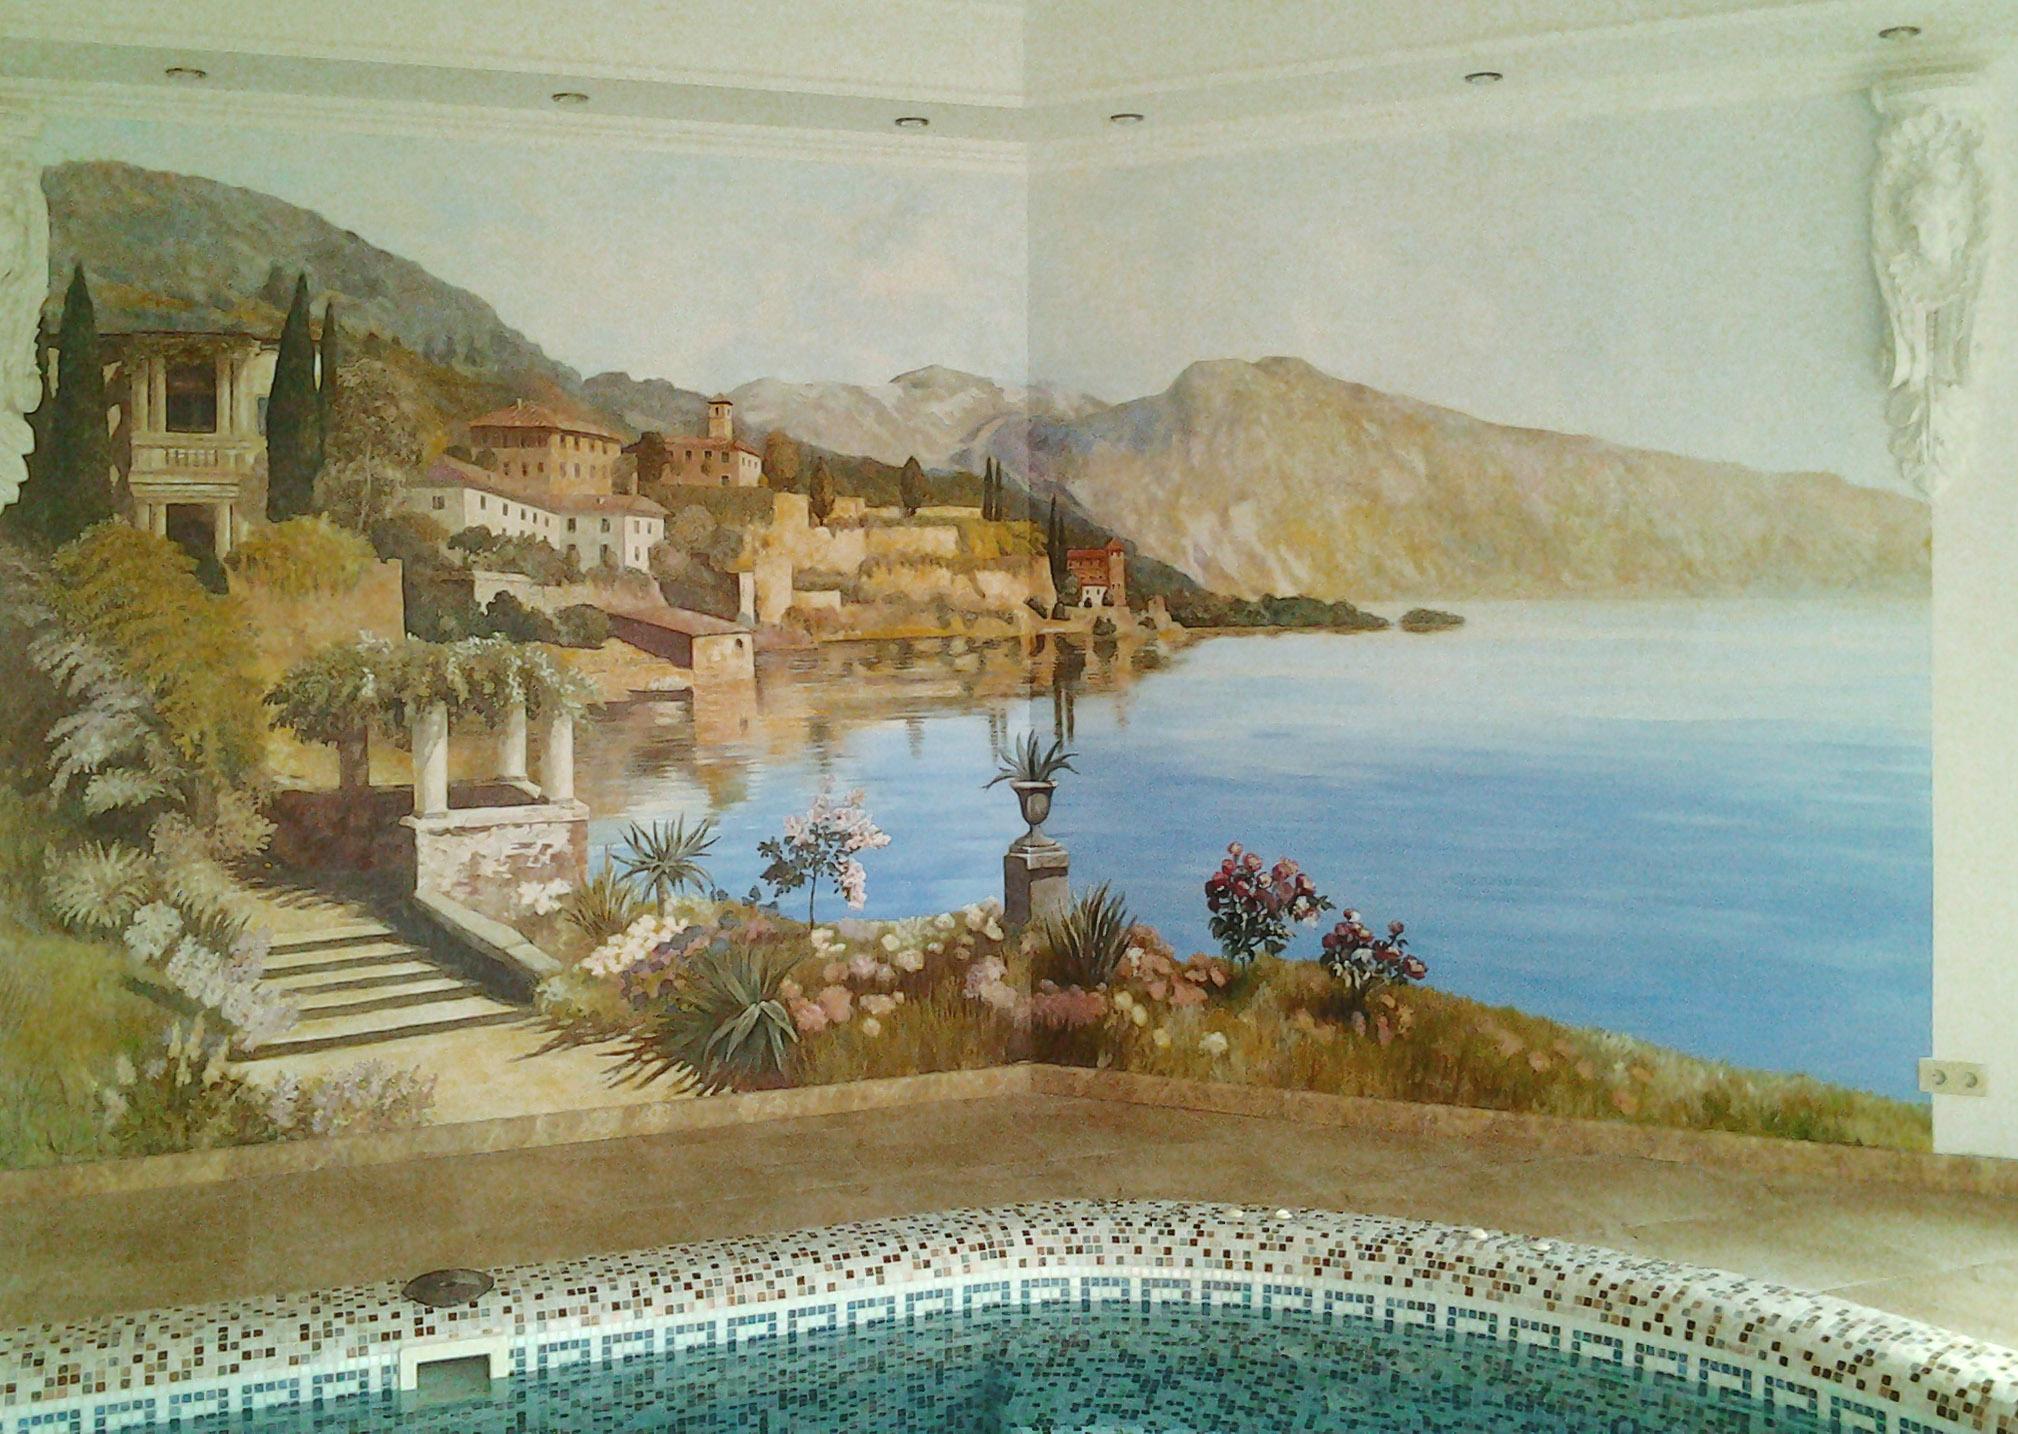 роспись стены в доме Одесса